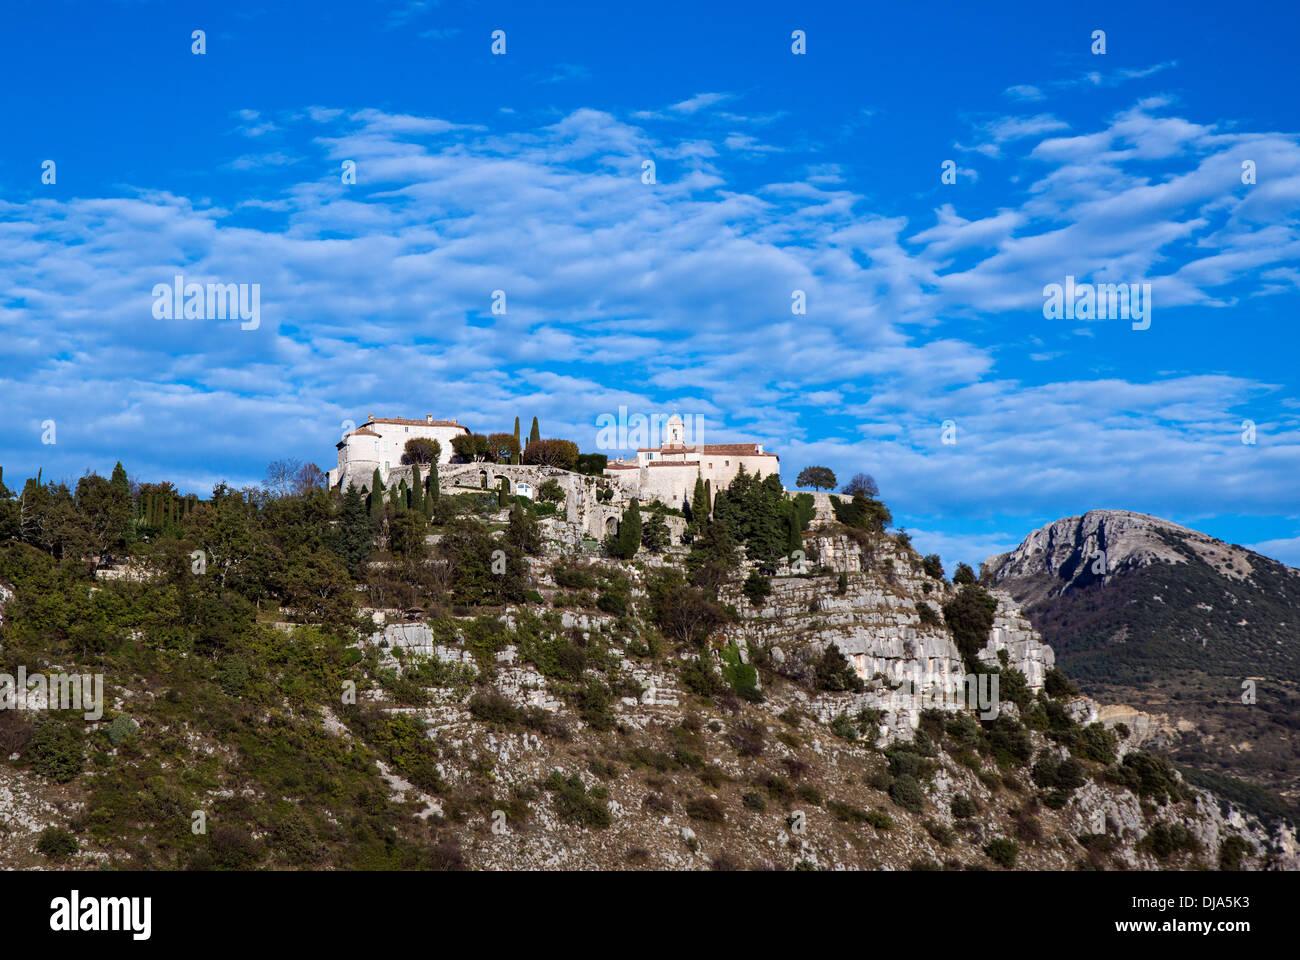 Medieval hilltop village, Gourdon, Provence, France - Stock Image